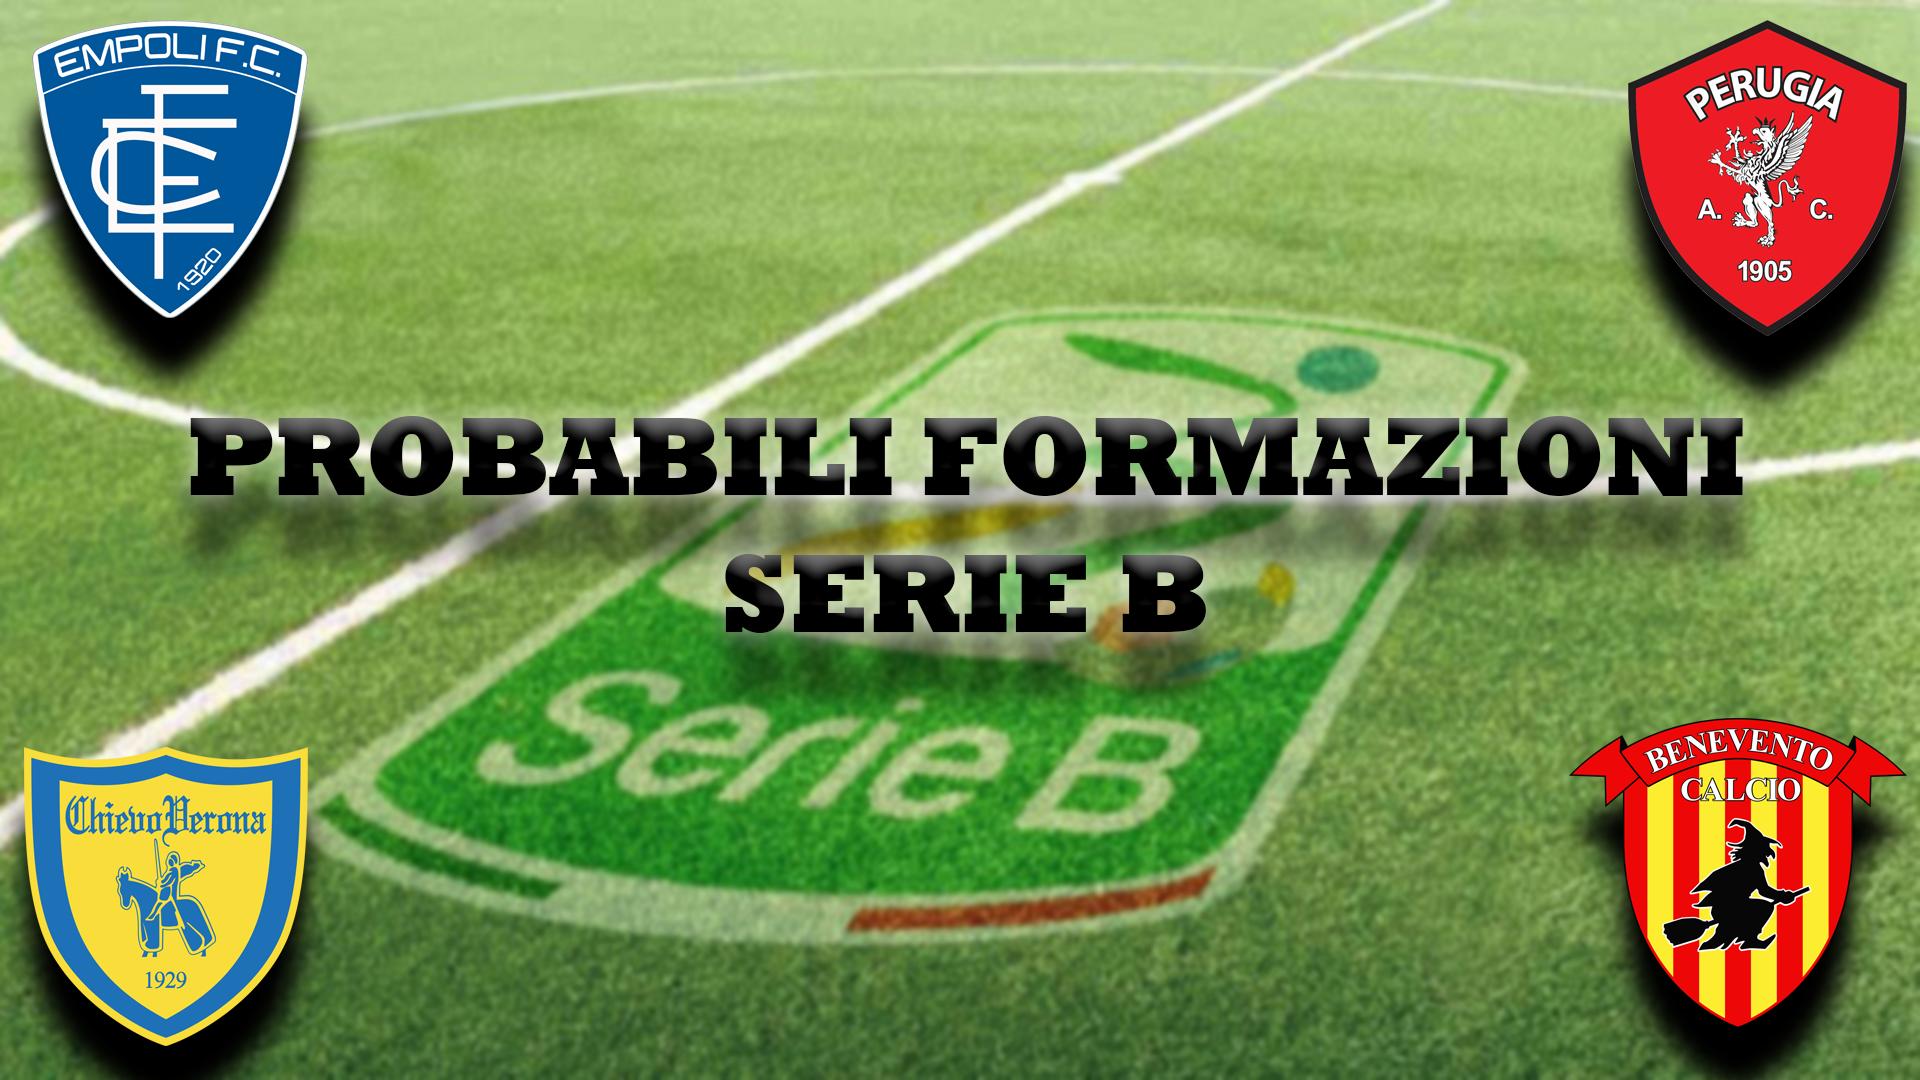 Probabili Formazioni Serie B I Possibili Schieramenti Della 7 Giornata